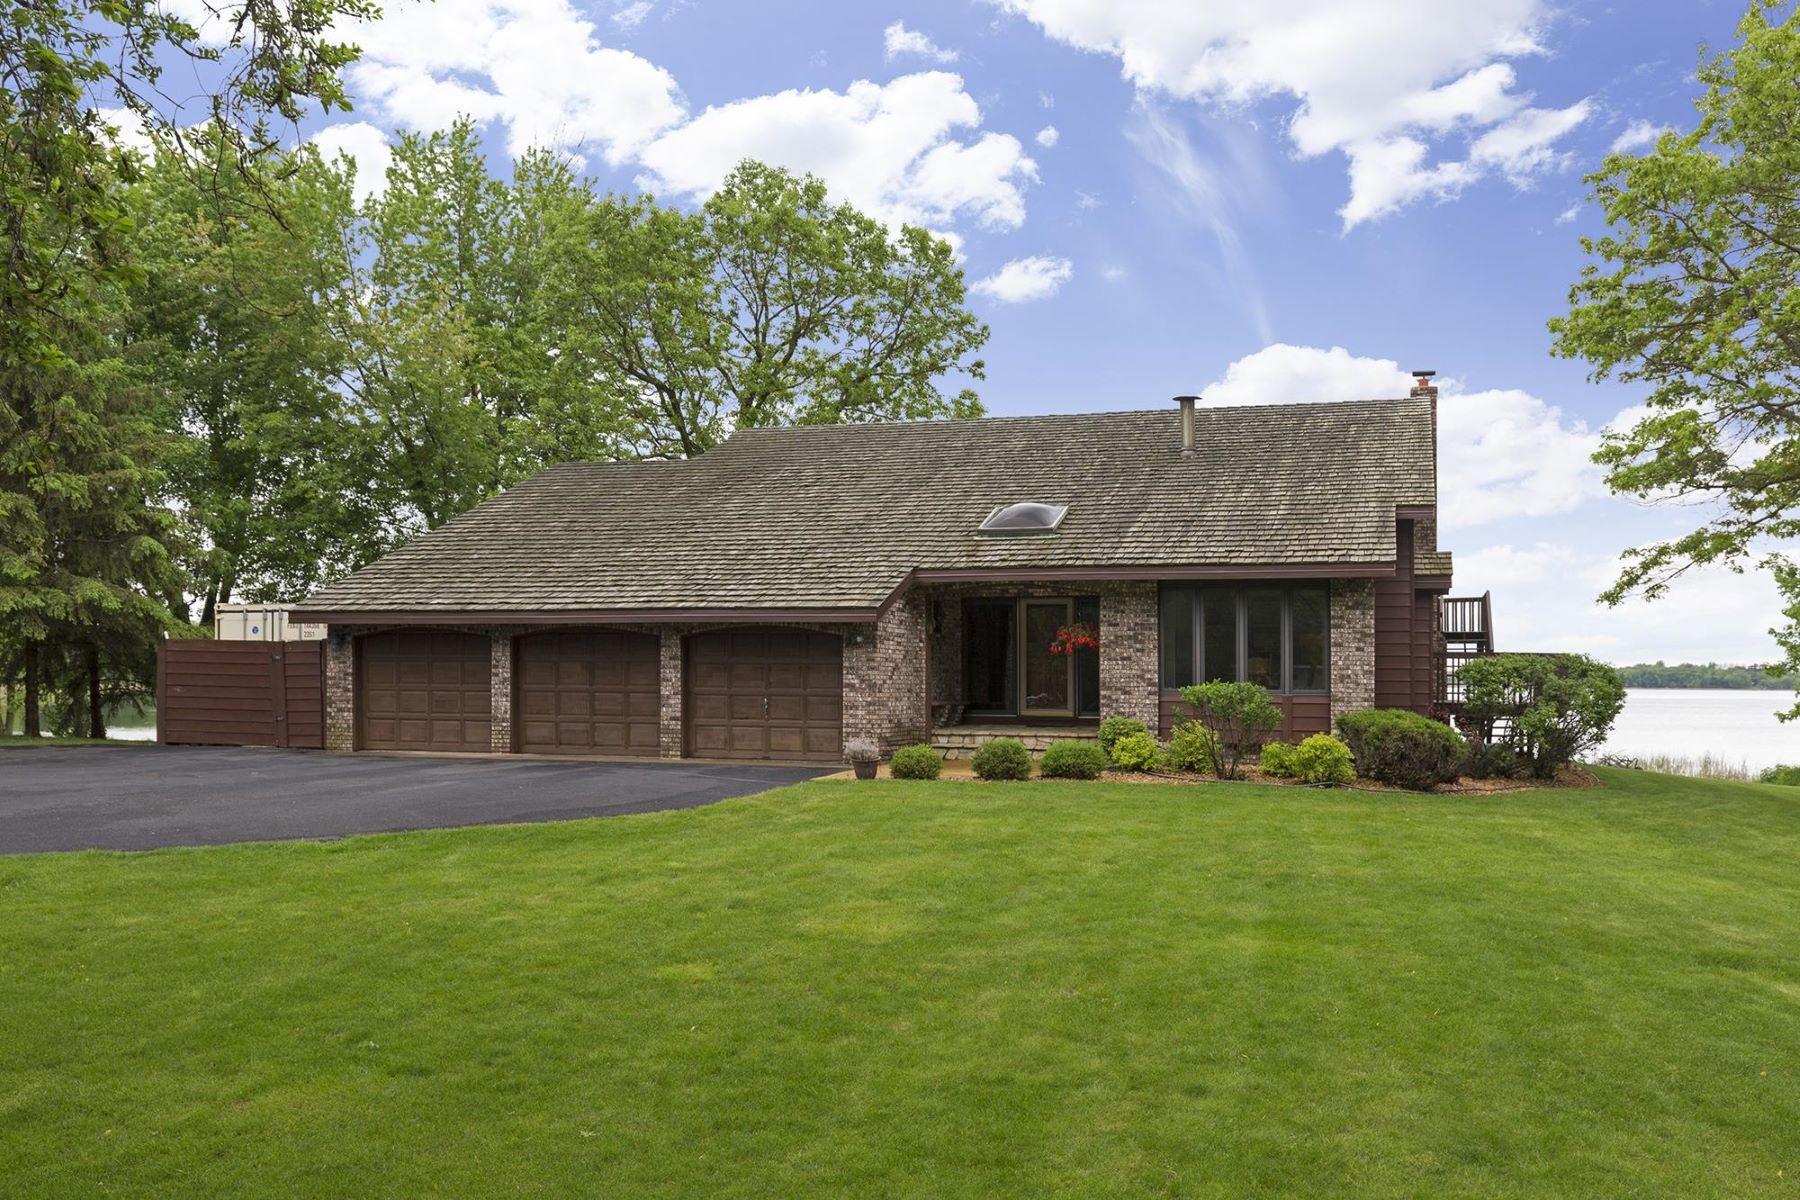 단독 가정 주택 용 매매 에 2016 Otter Lake Drive Lino Lakes, 미네소타, 55110 미국